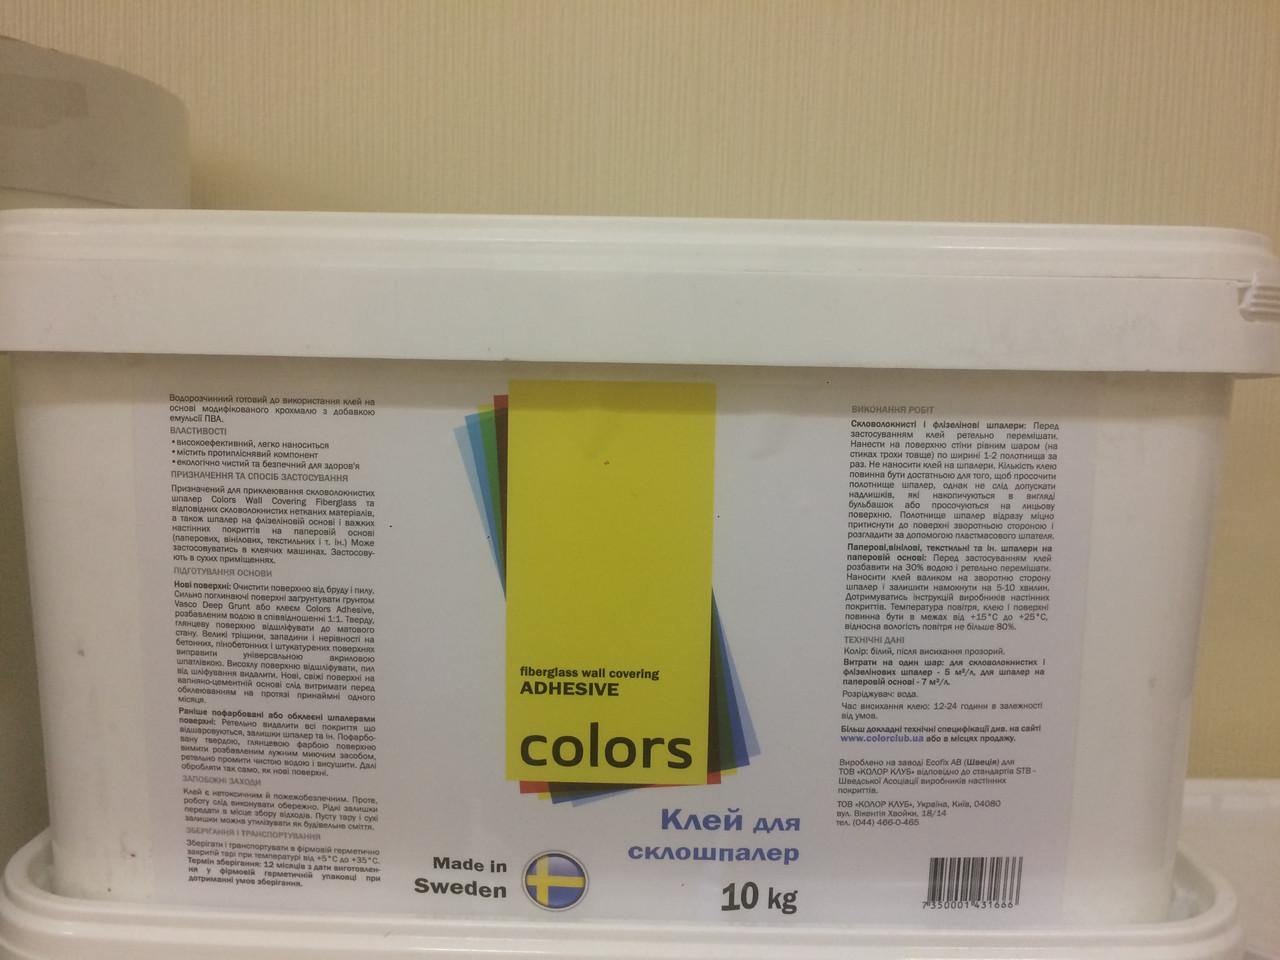 Клей для стеклообоев готовый к применению Colors 5 л.  - НОВА МЕТА инструменты, садовая техника, лаки краски в Харькове